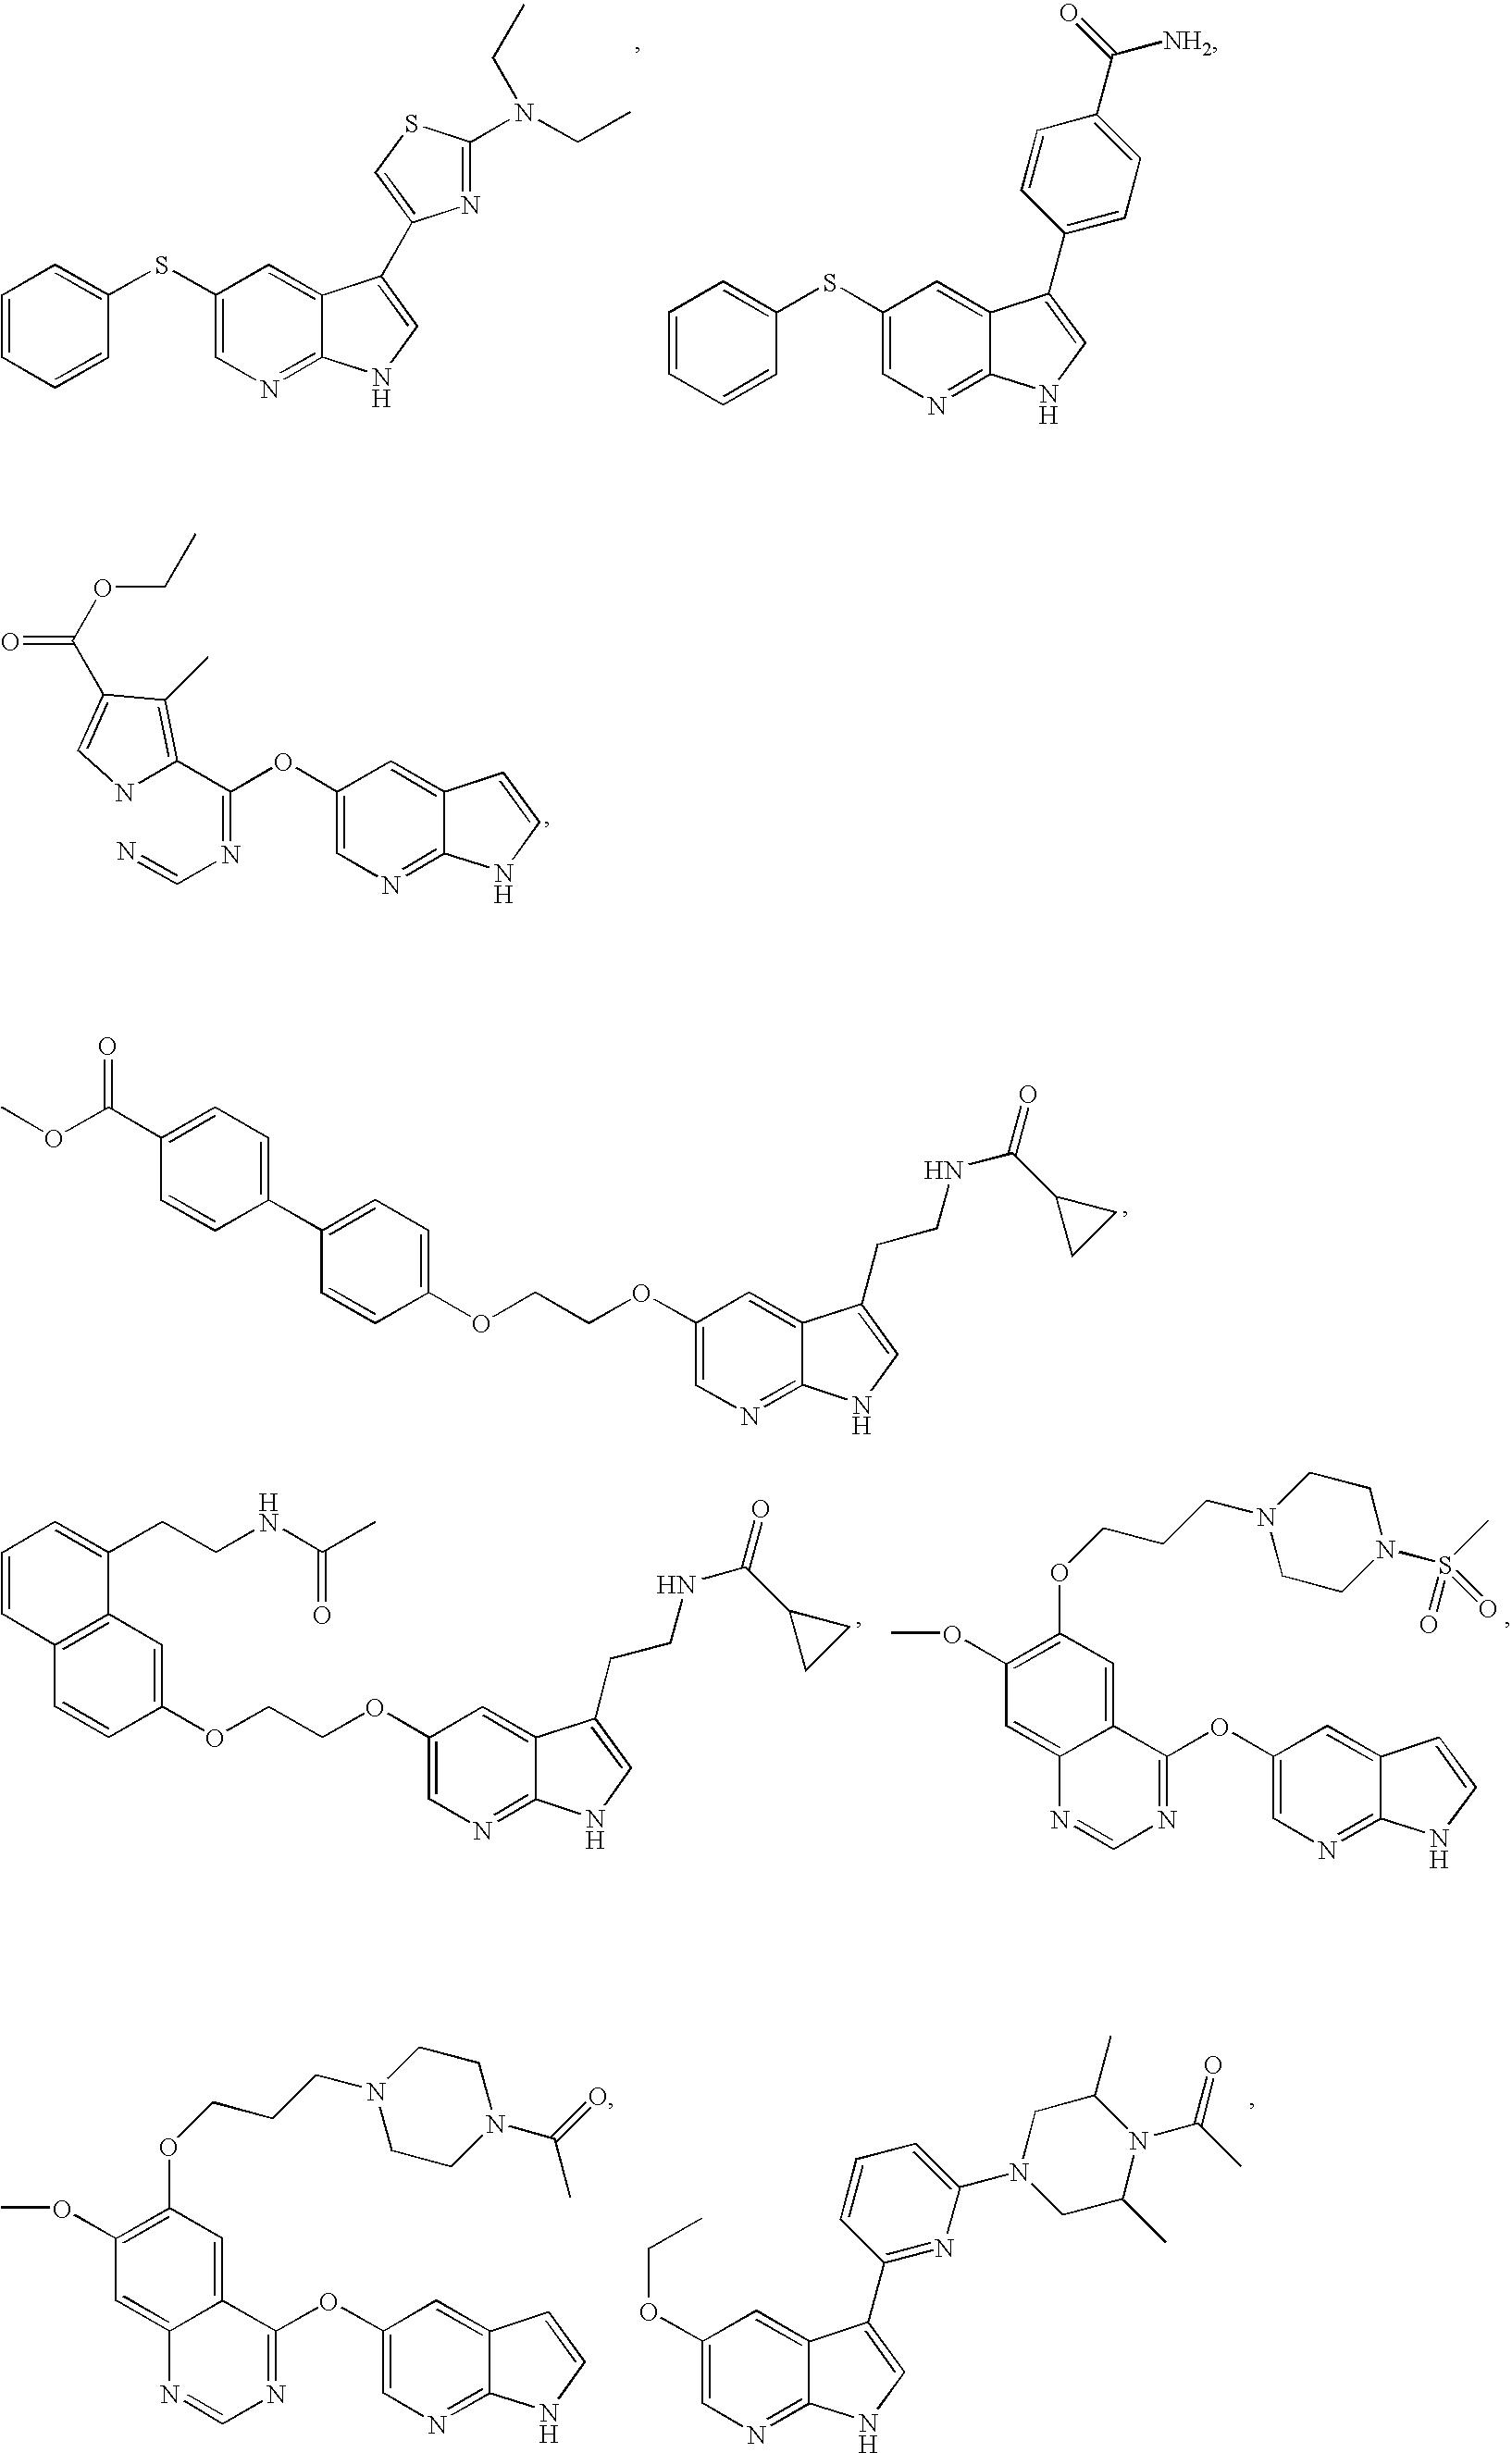 Figure US20080188514A1-20080807-C00009